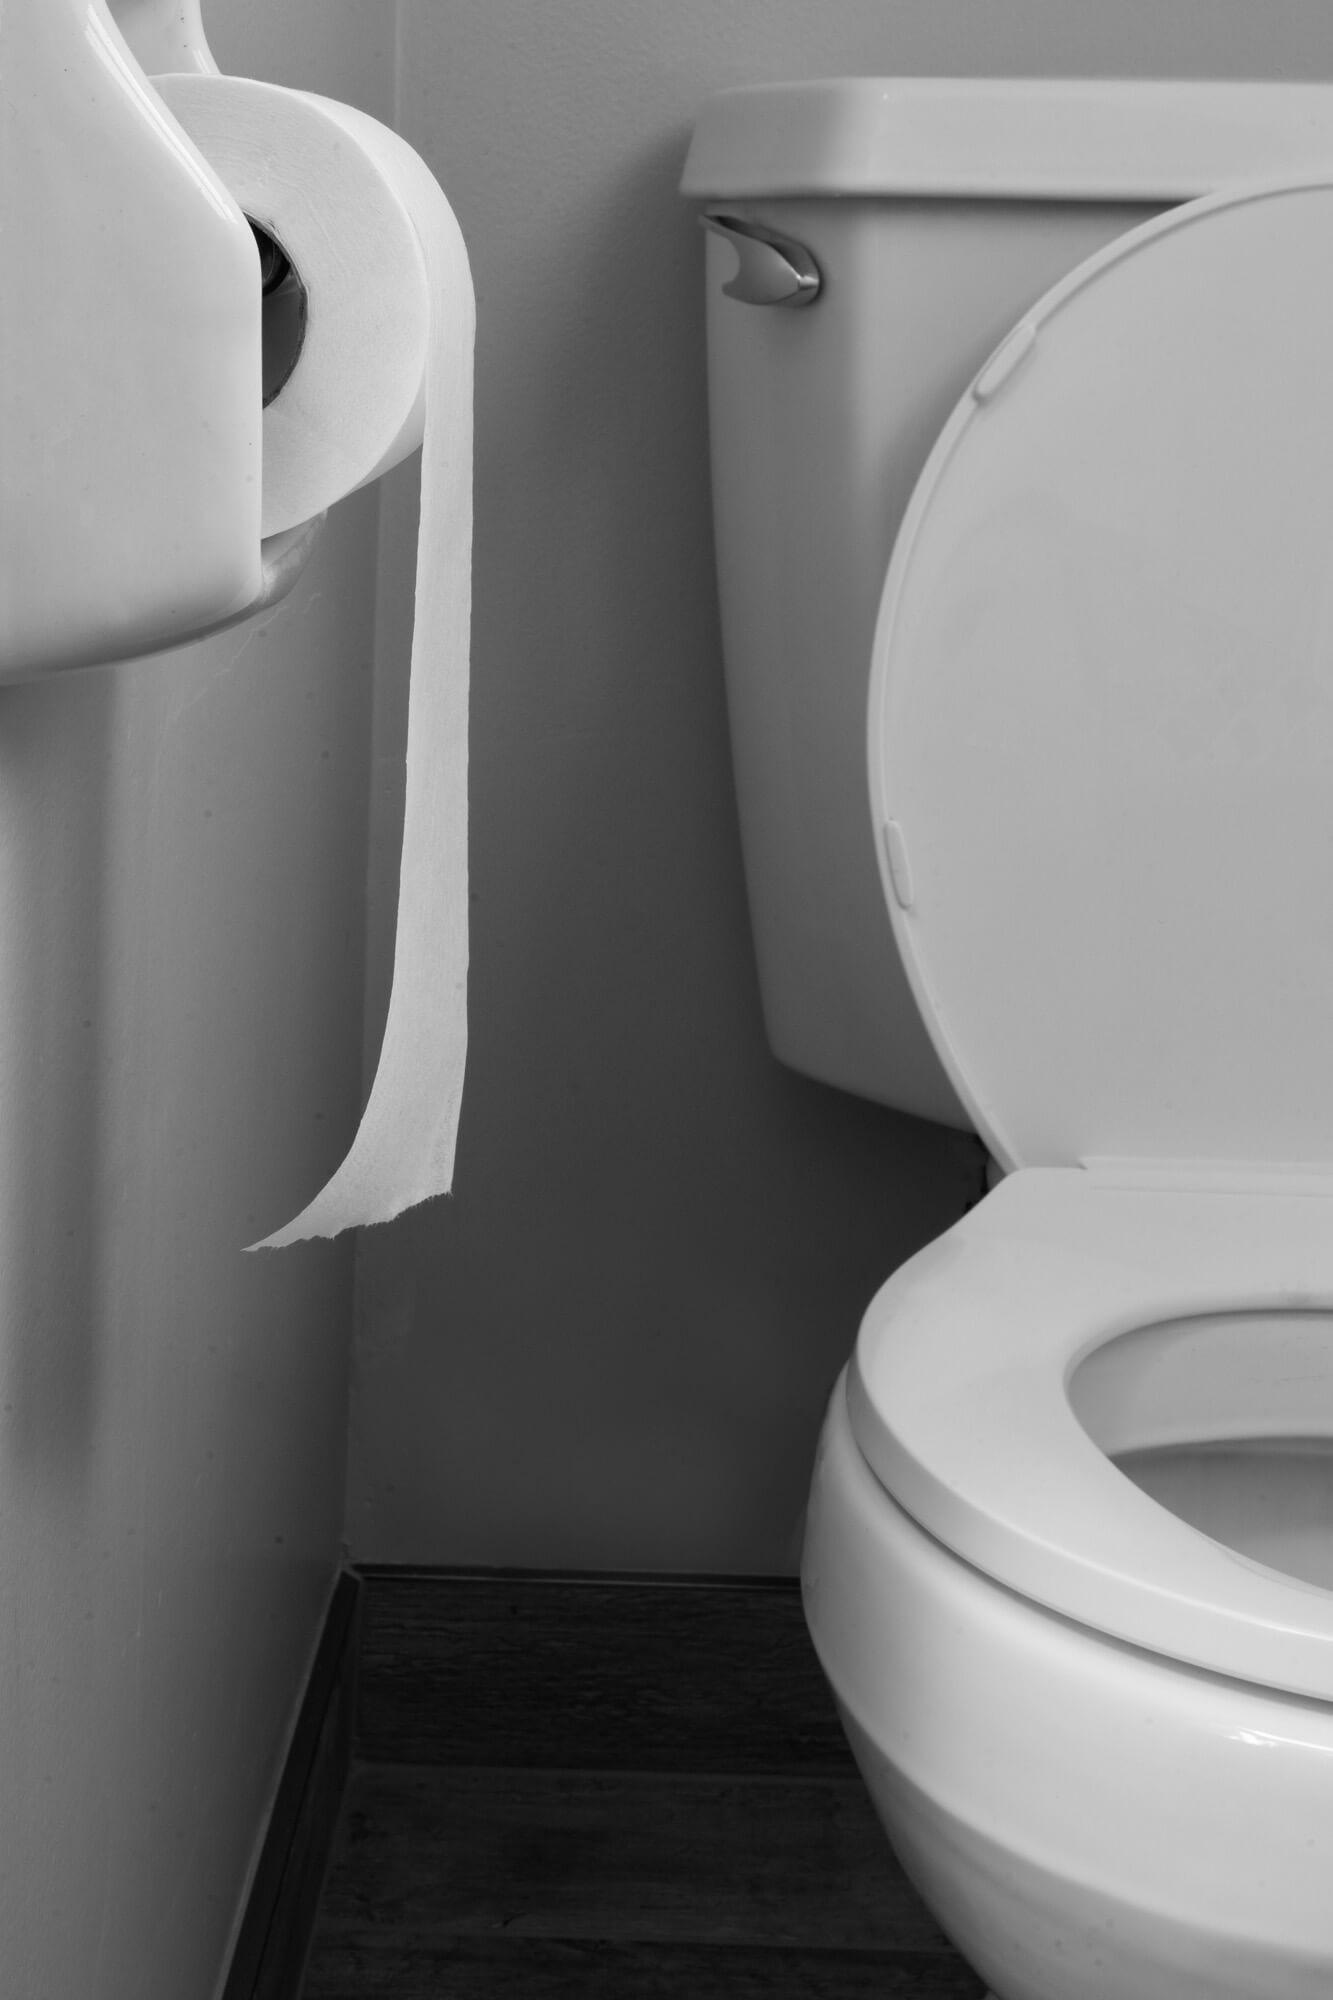 Toilet Paper Challenge #1